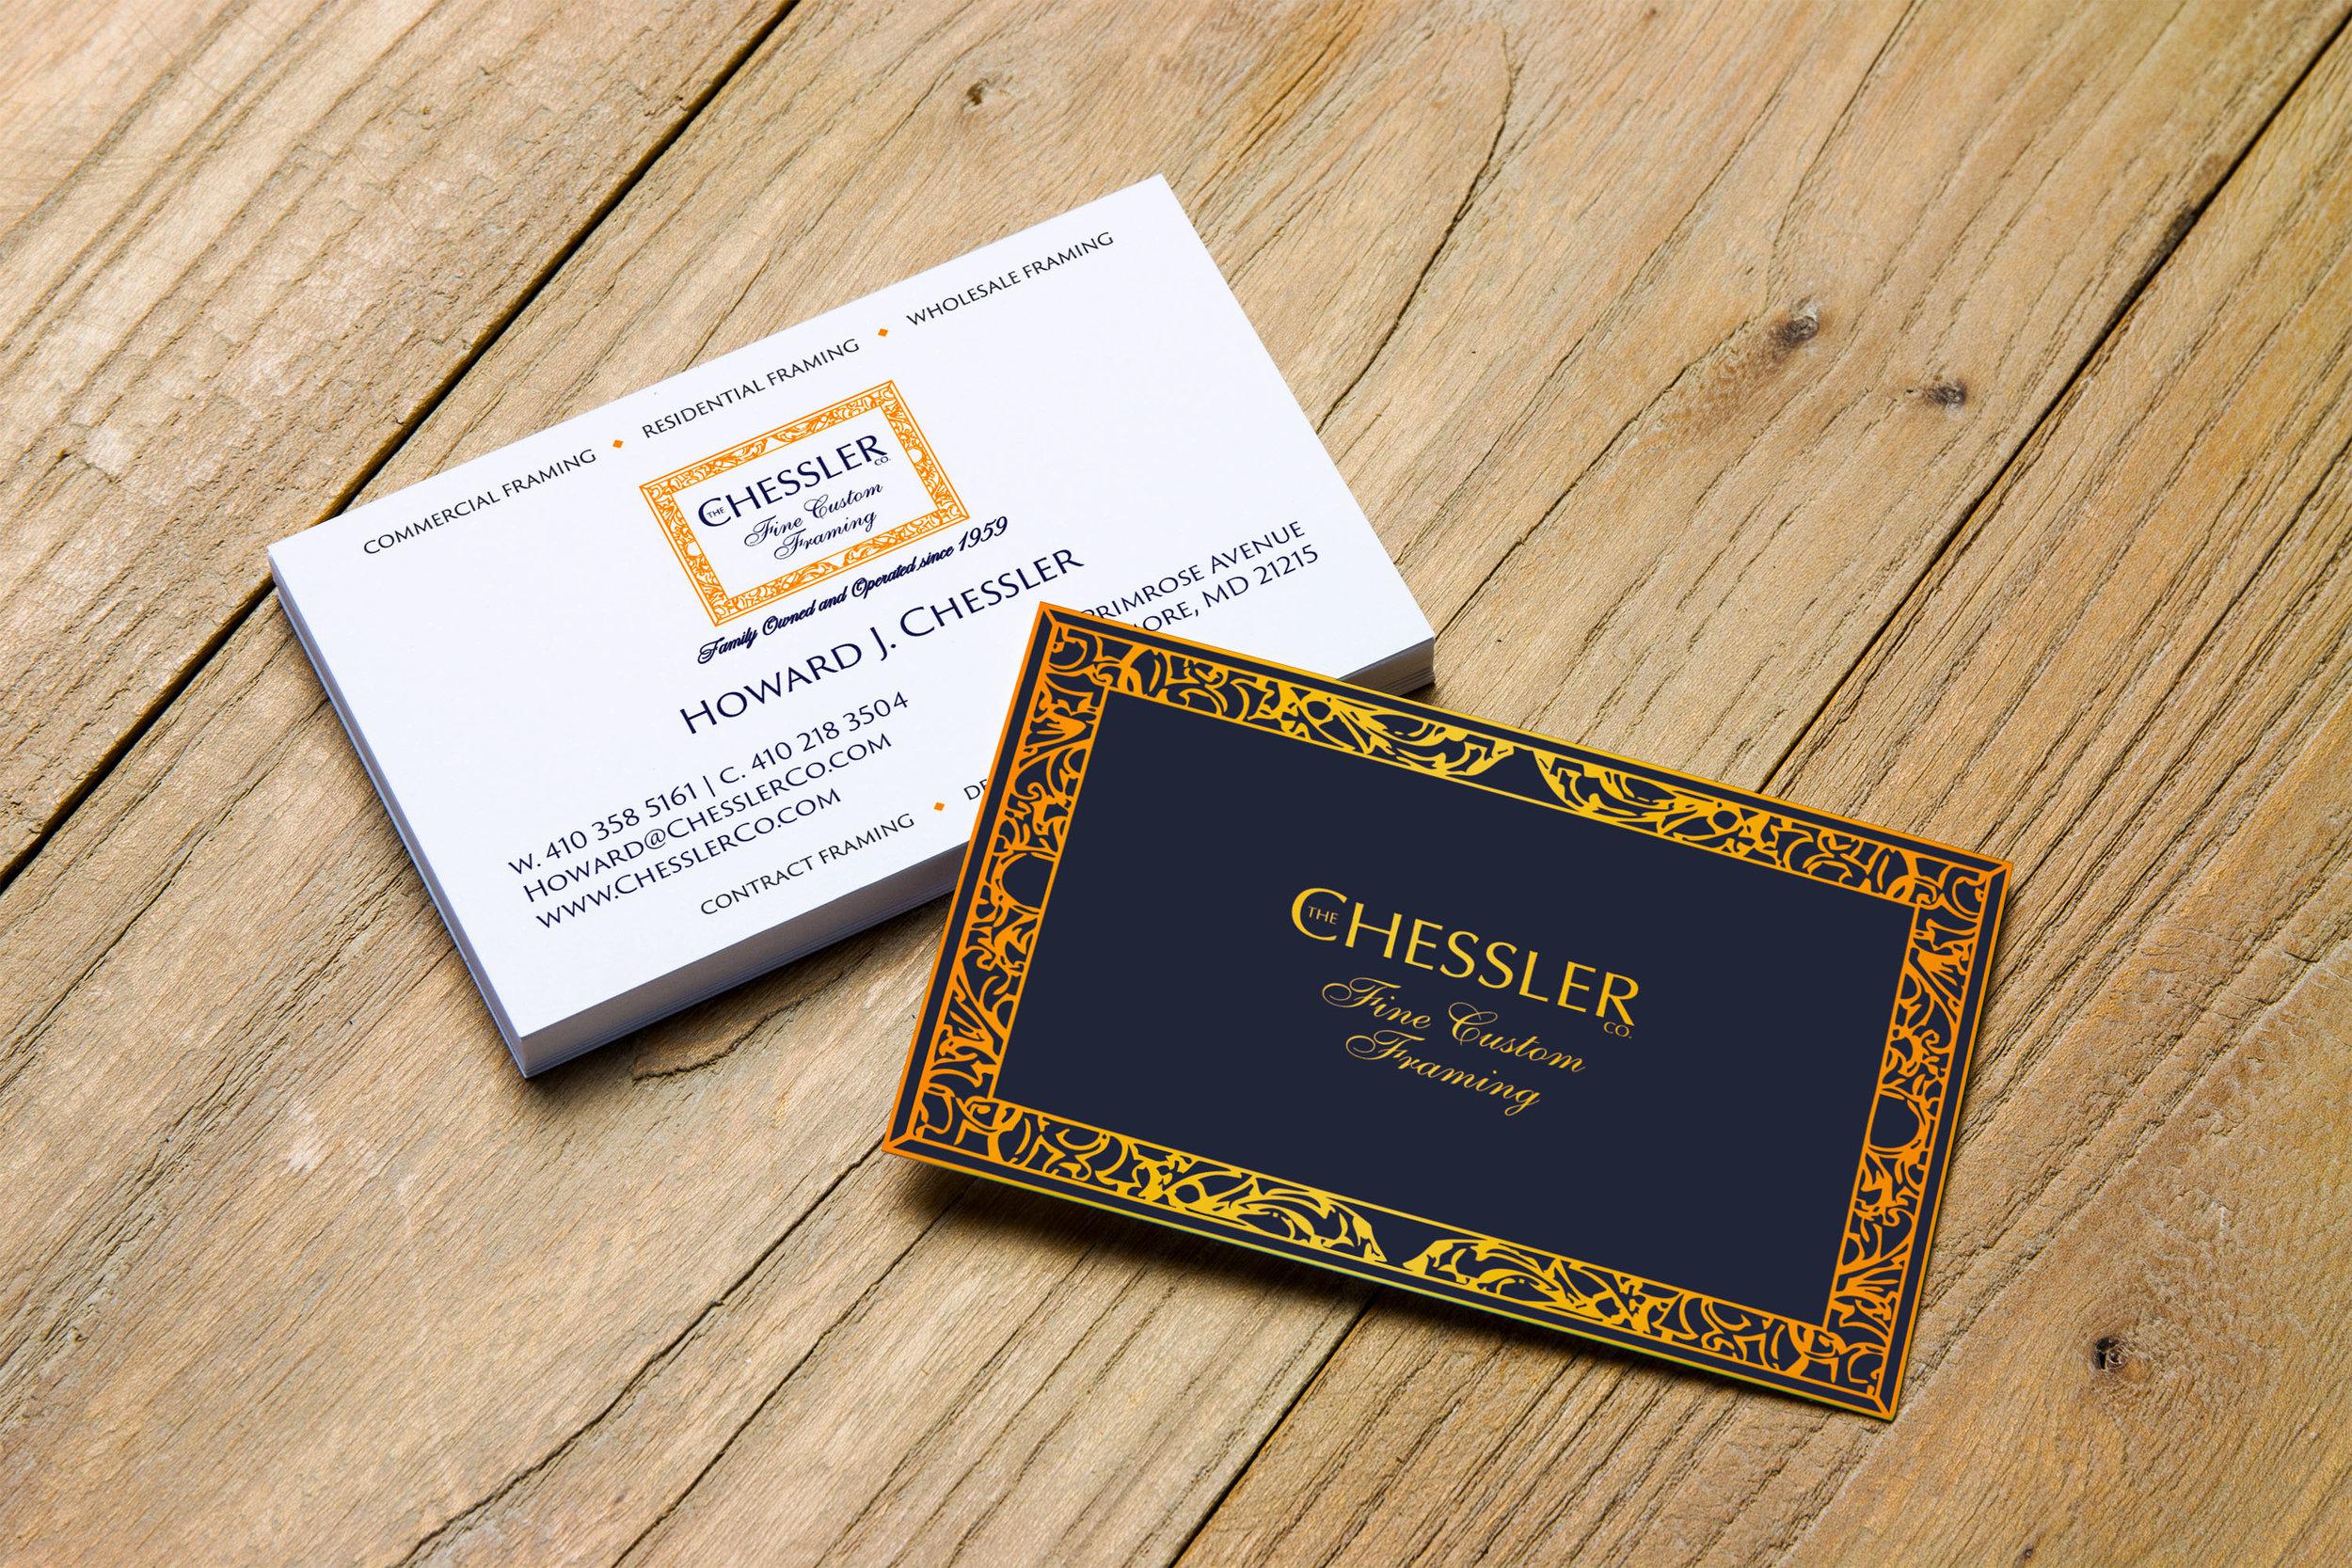 Chessler Co. - Business Card Design